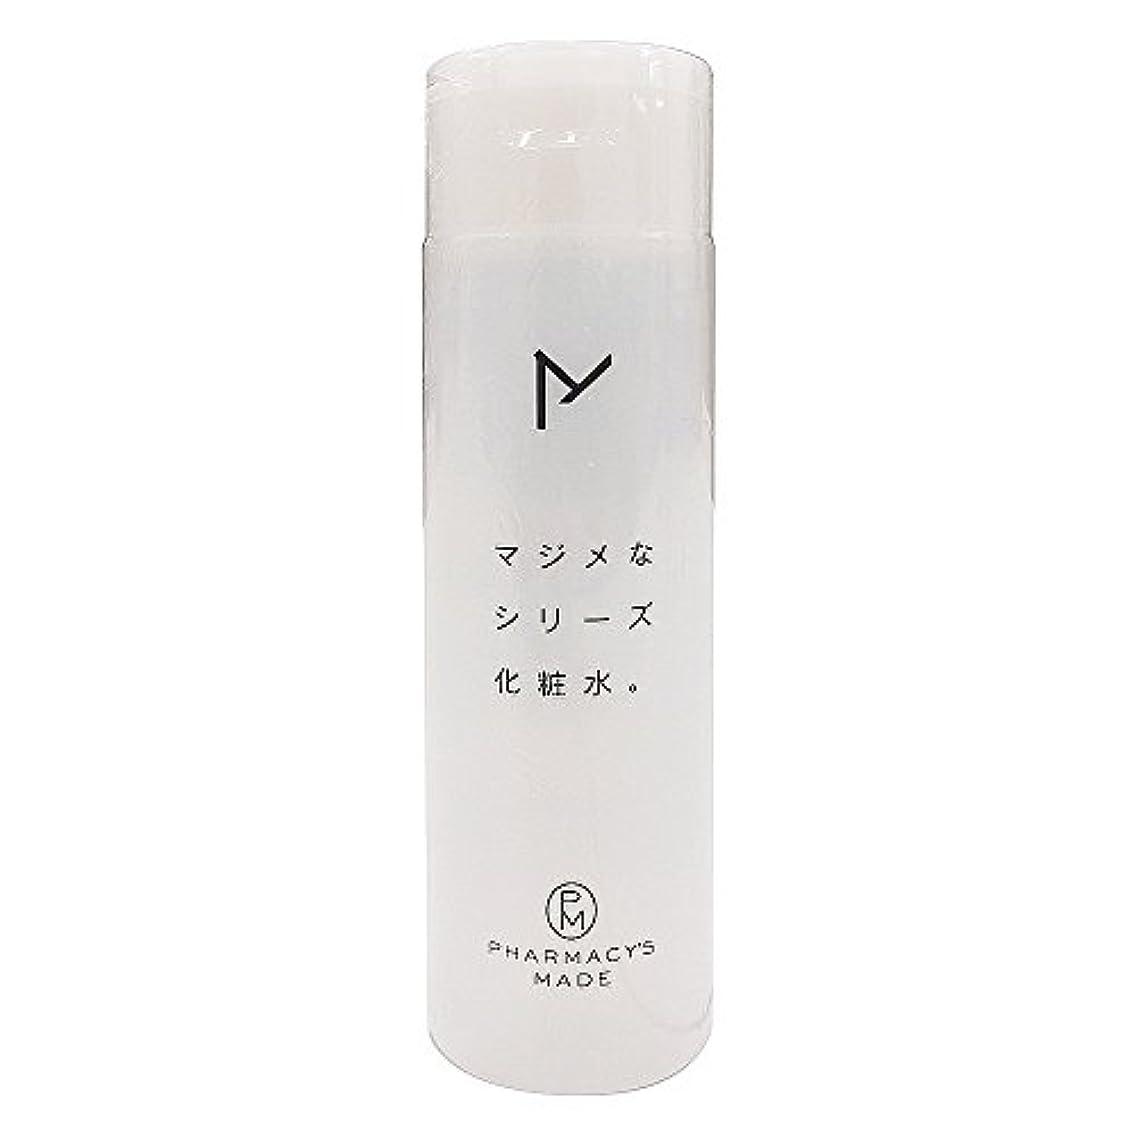 慣らす腸熟達水橋保寿堂製薬 マジメなシリーズ化粧水。 200ml